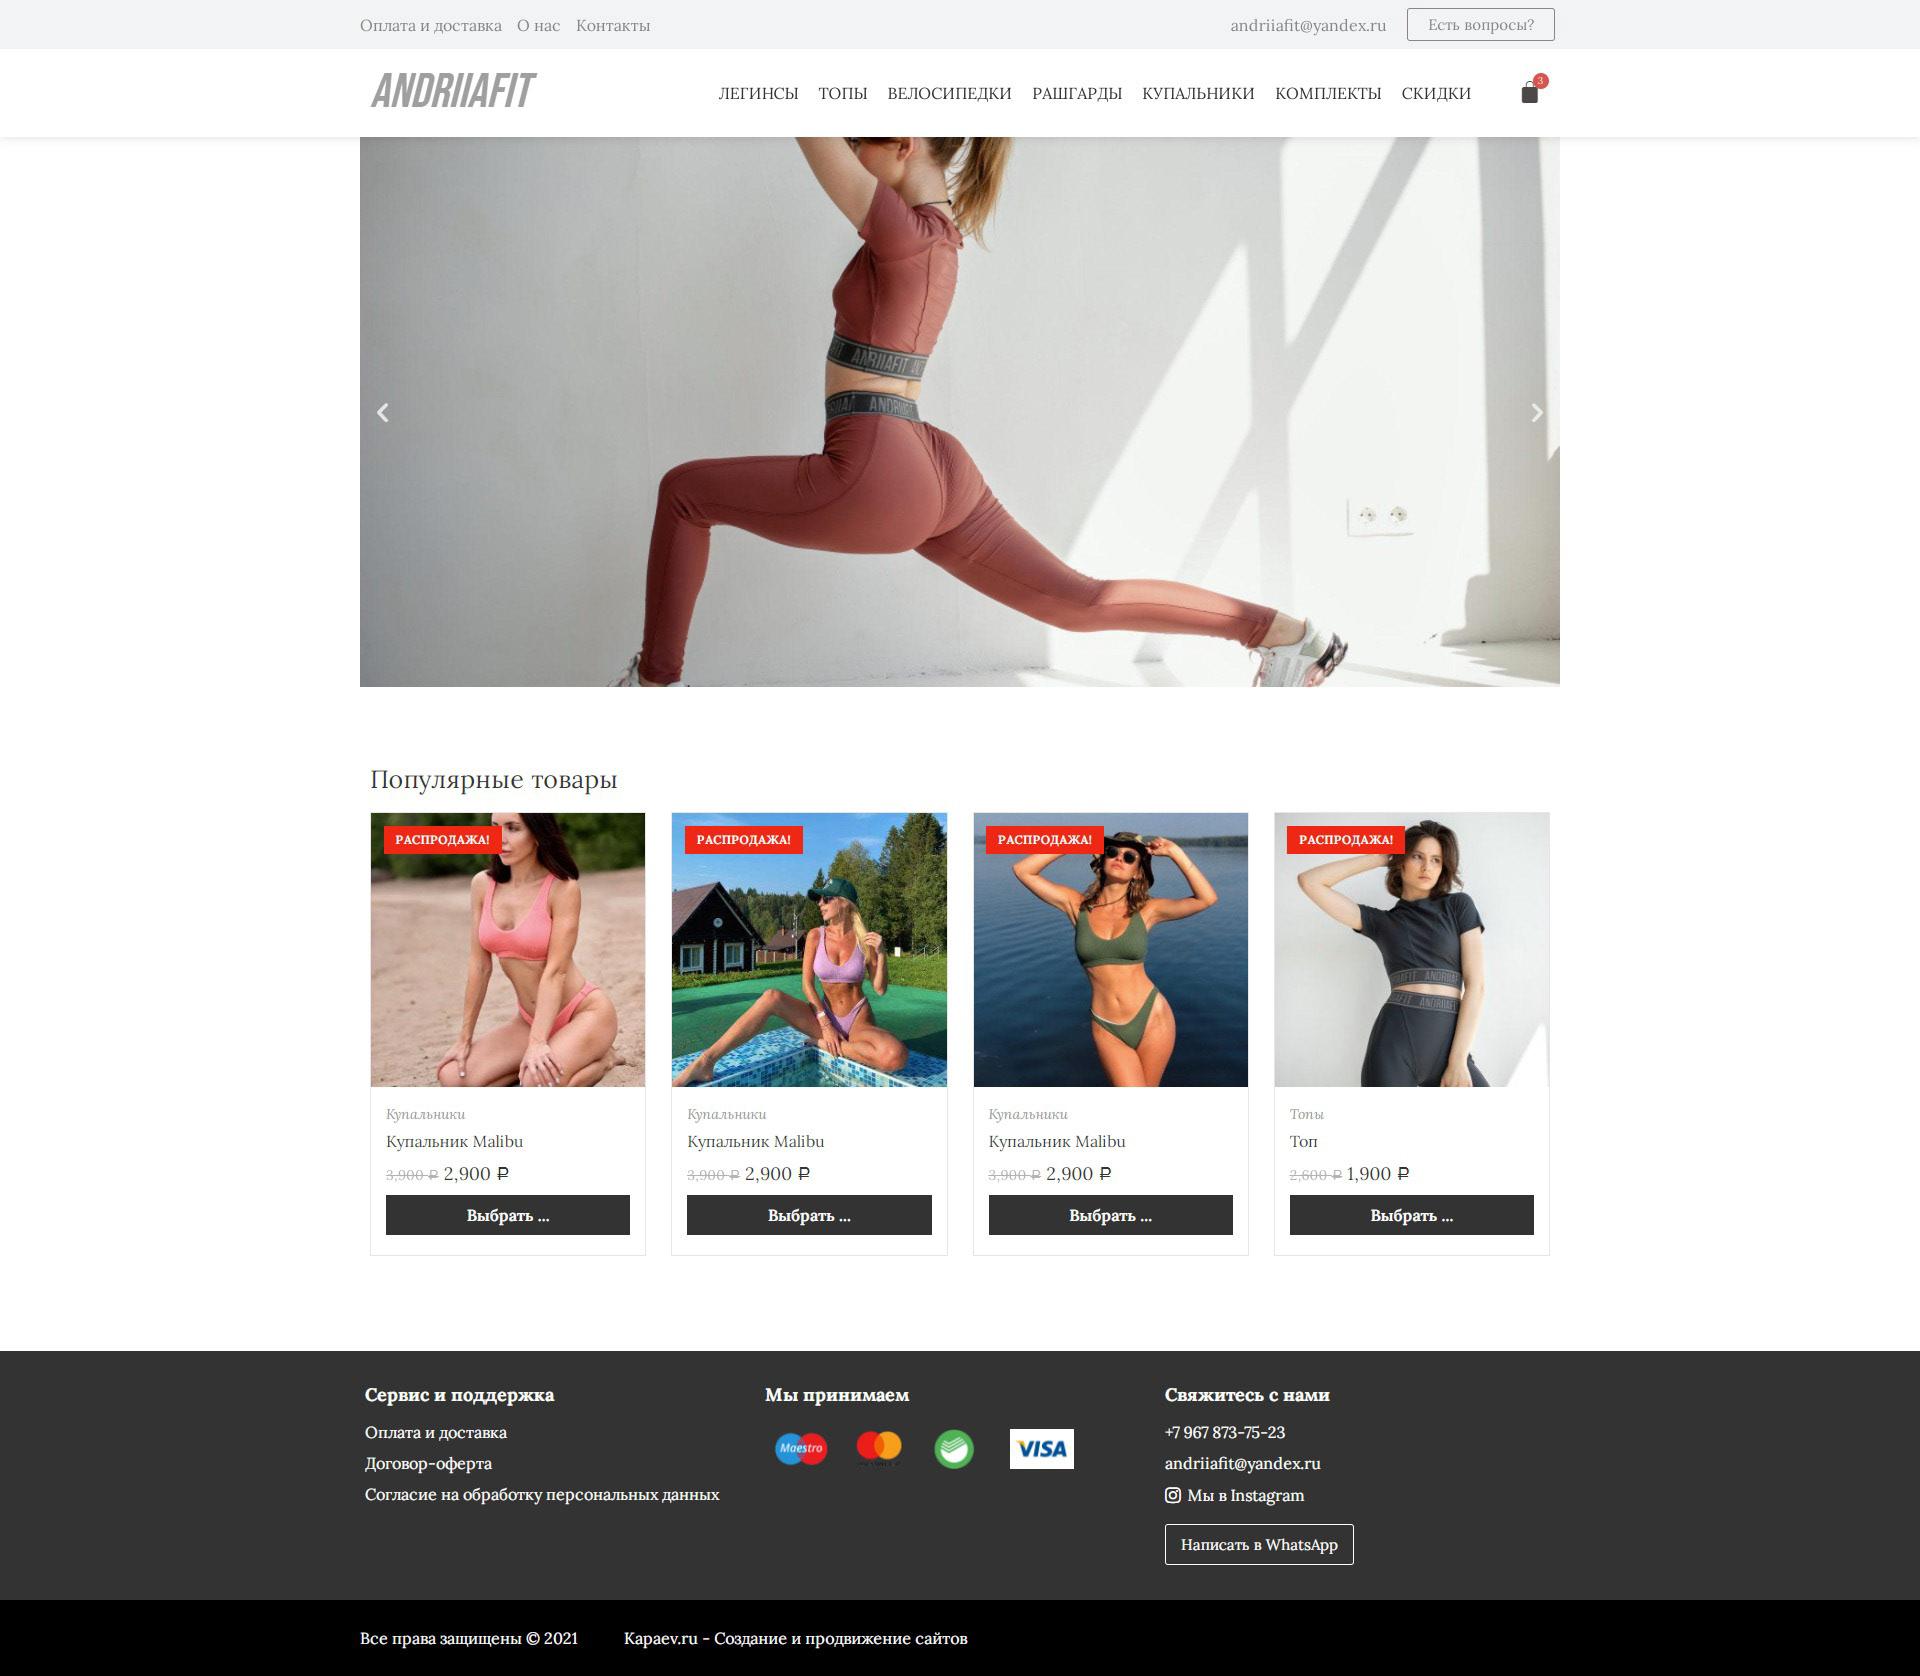 Кейс: Создание интернет-магазина для бренда одежды